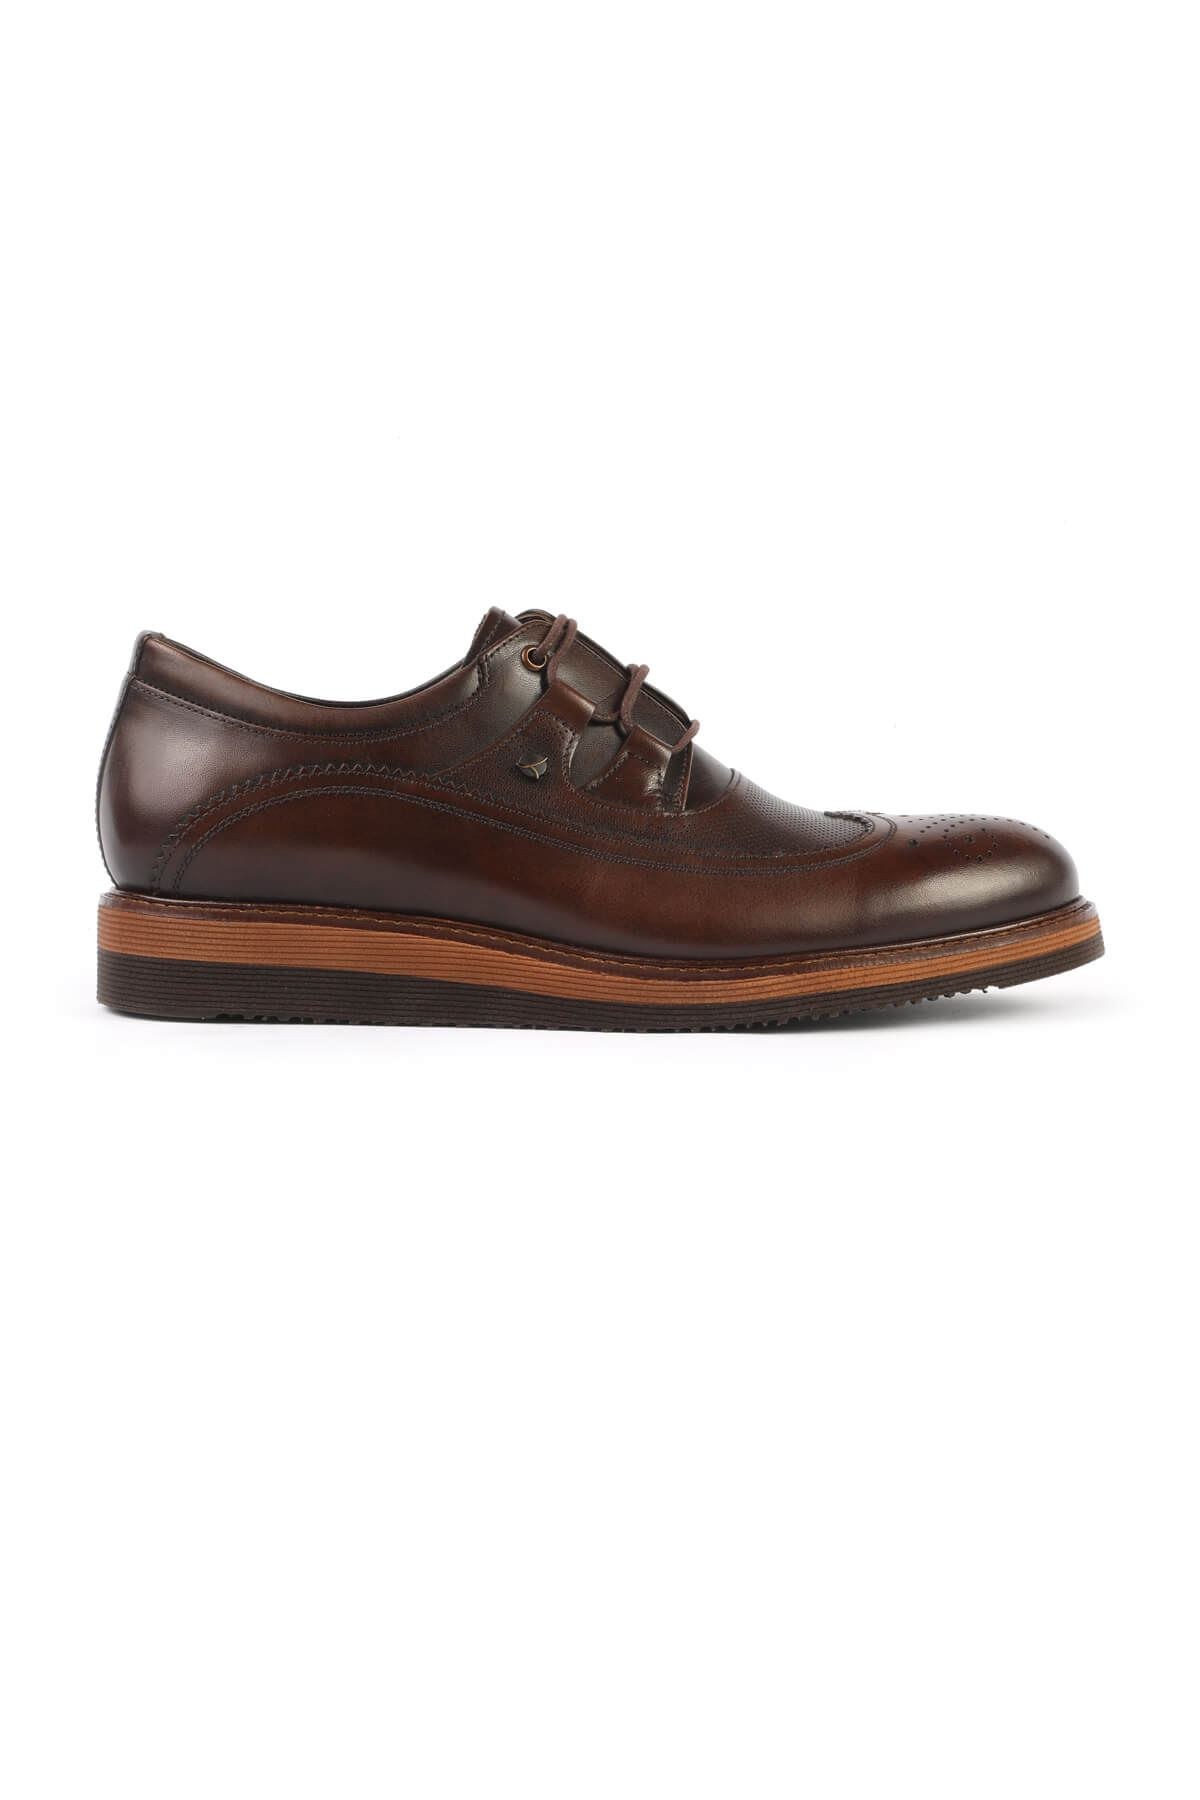 Libero 2902 Brown Oxford Shoes